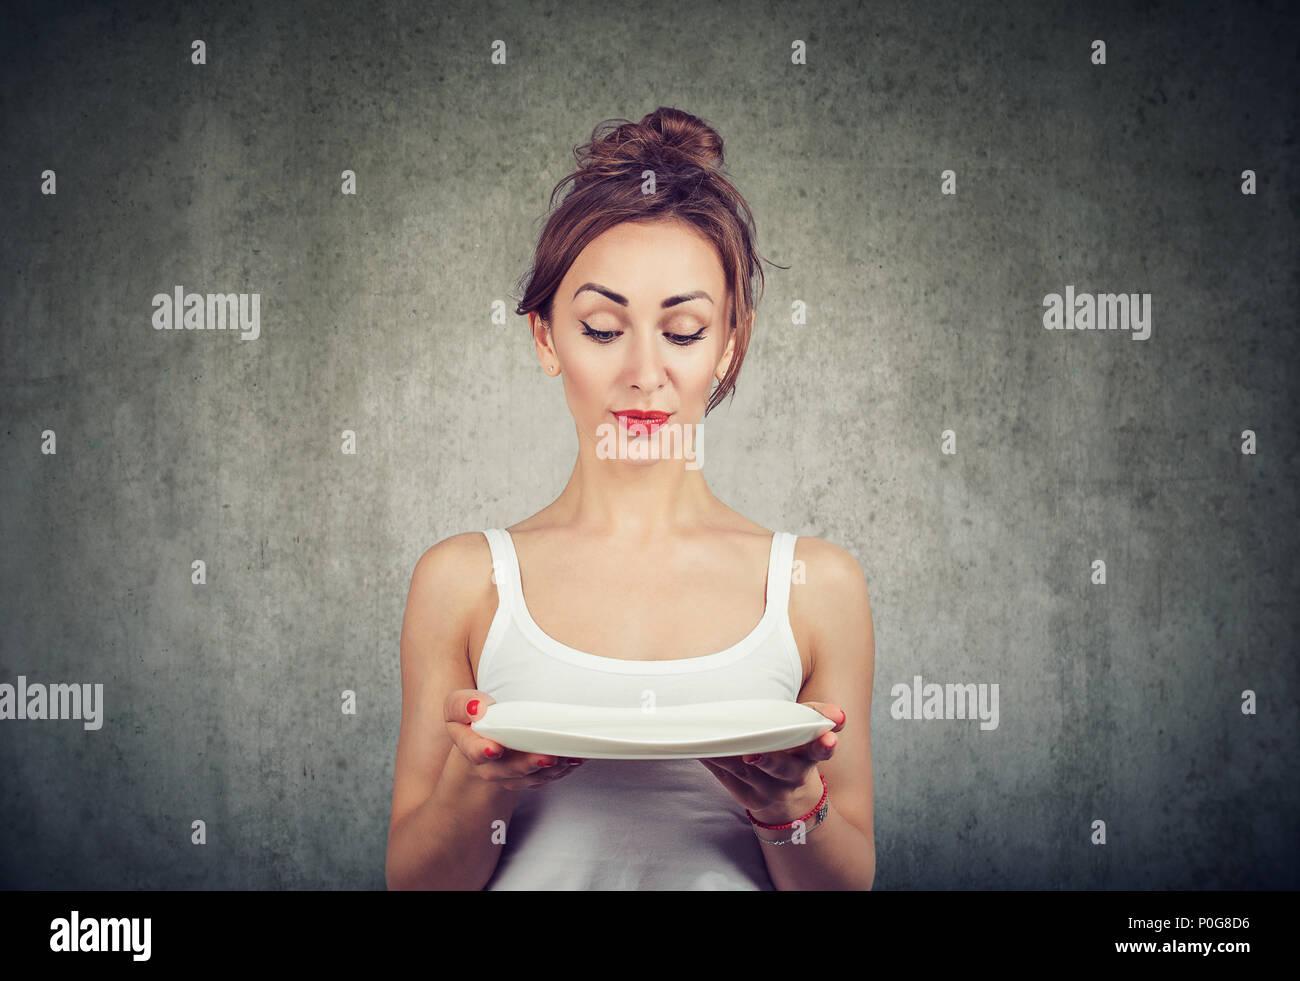 Giovane ragazza skinny tenendo la piastra a vuoto e guardando dubbia con le restrizioni dietetiche in piedi su grigio Immagini Stock